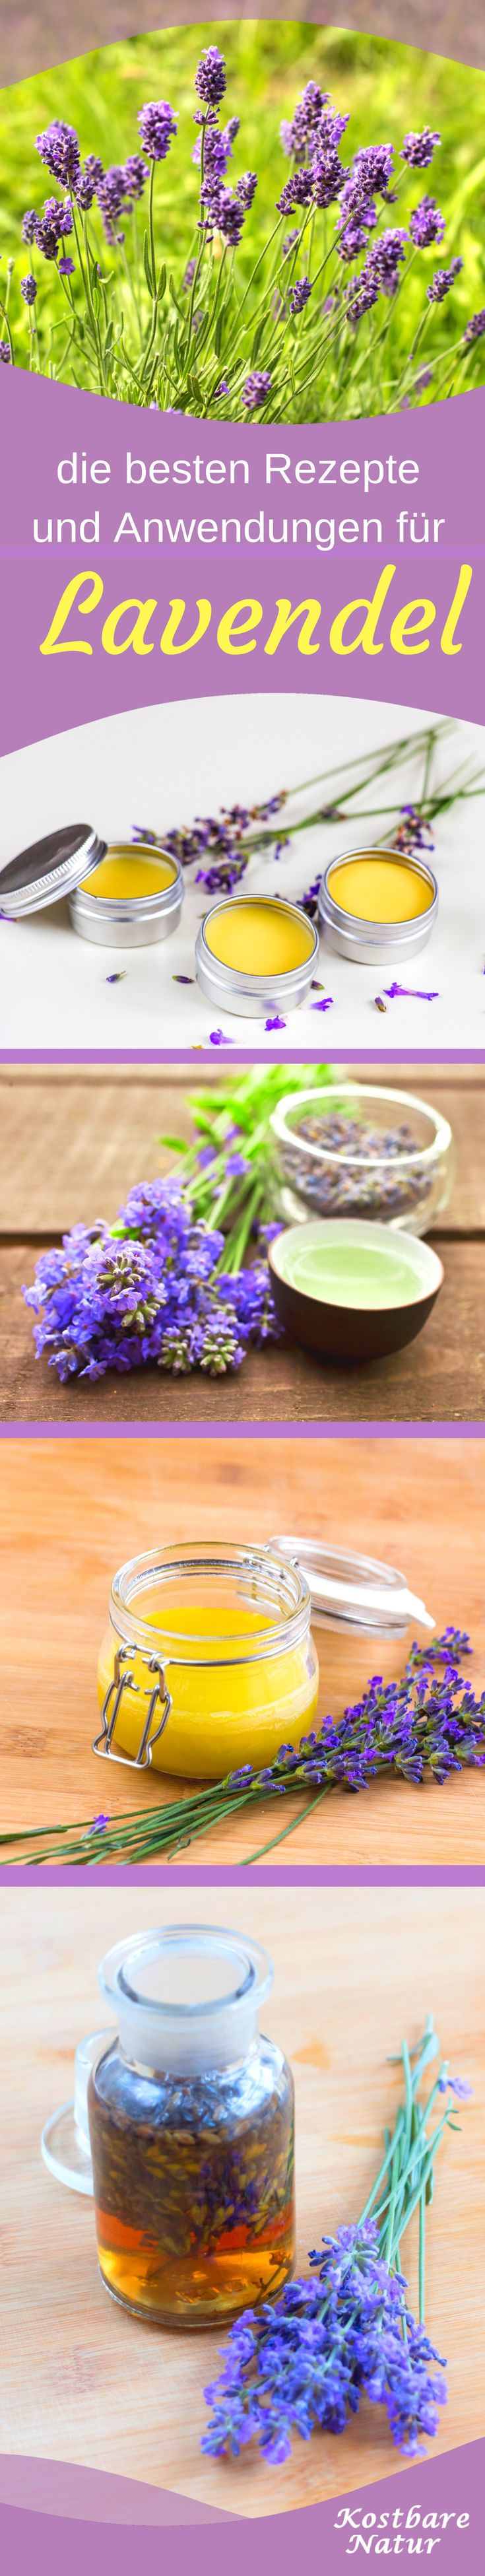 kuhles 7 nuetzliche eigenschaften von lavendel der blaue alleskoenner aus der natur tolle pic der cfdbbdba